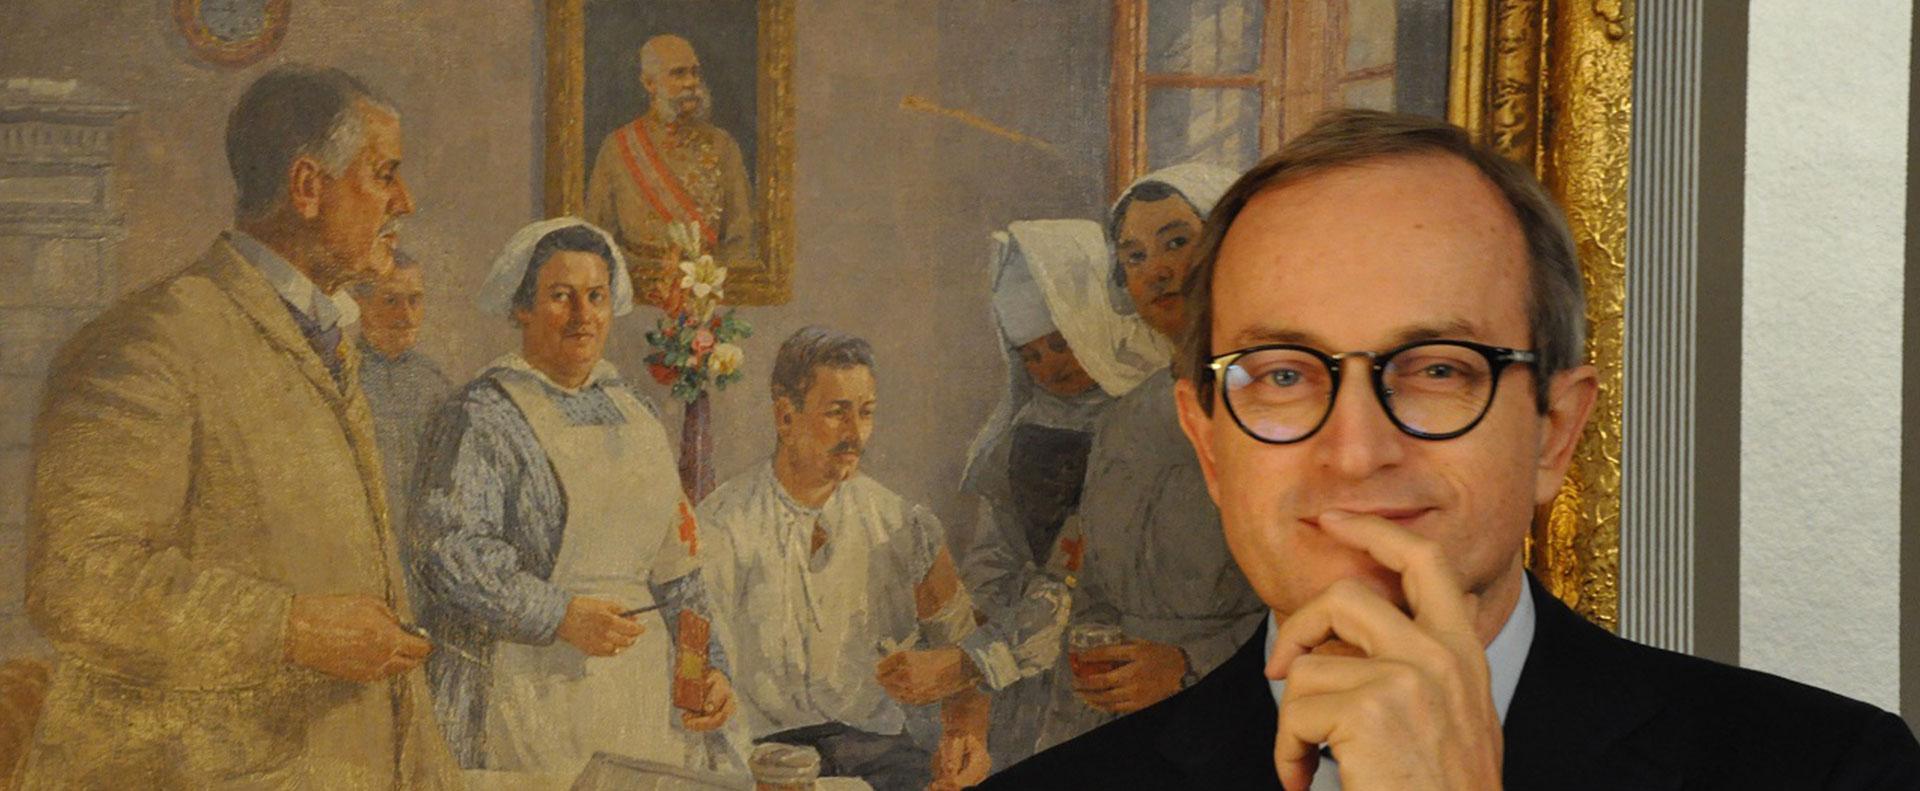 Dottore Mario Bussi Otorrinolaringologo Milano